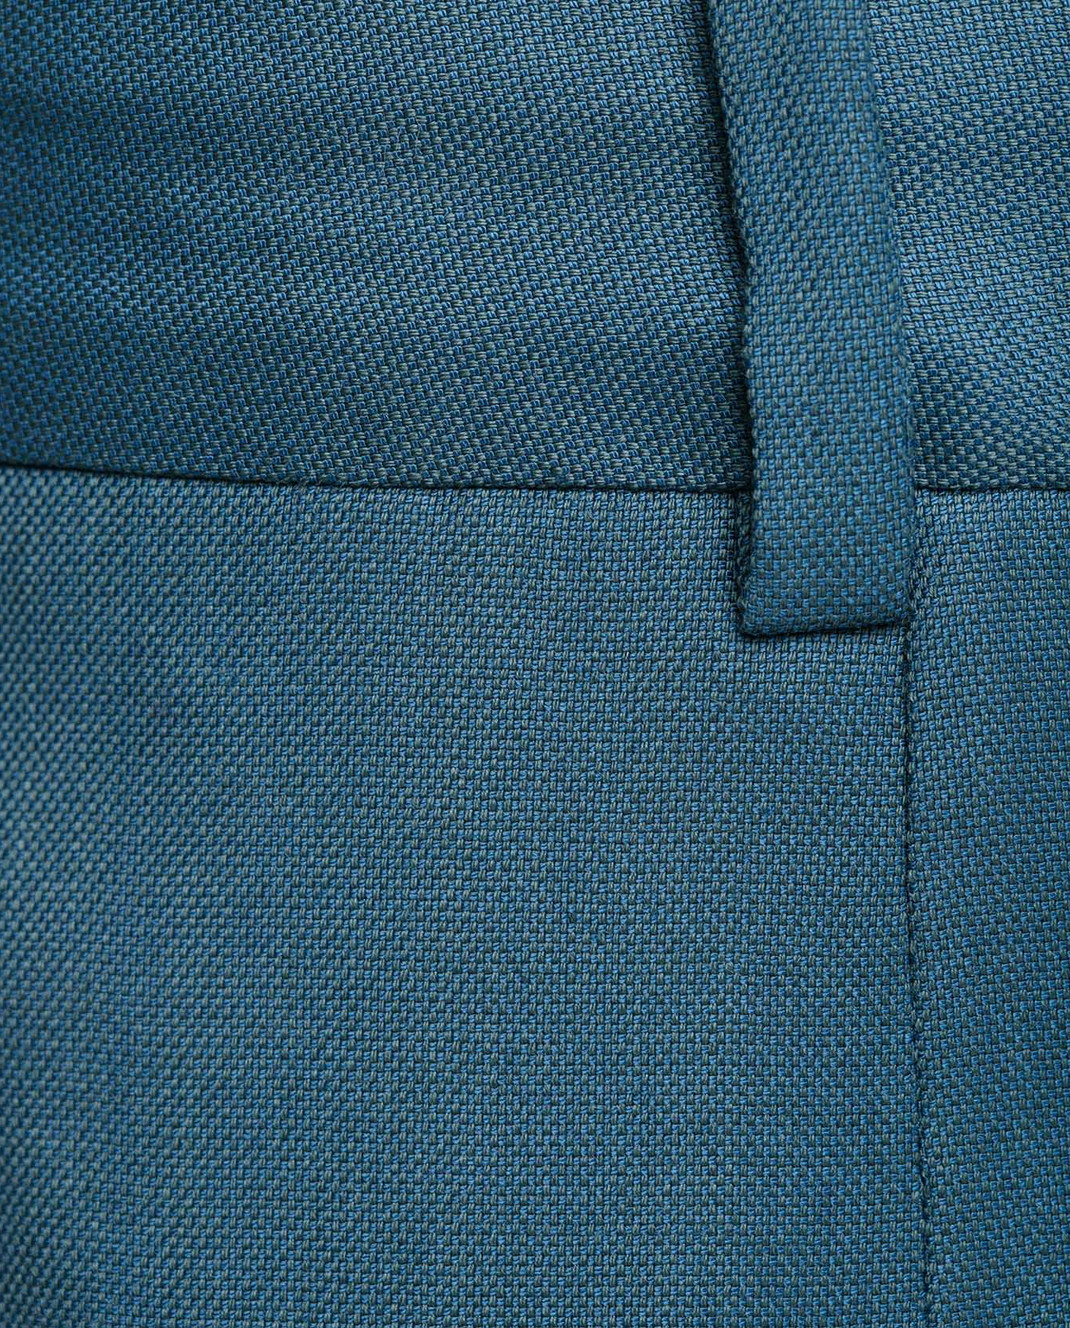 Maison Ullens Светло-синие брюки из шерсти изображение 5